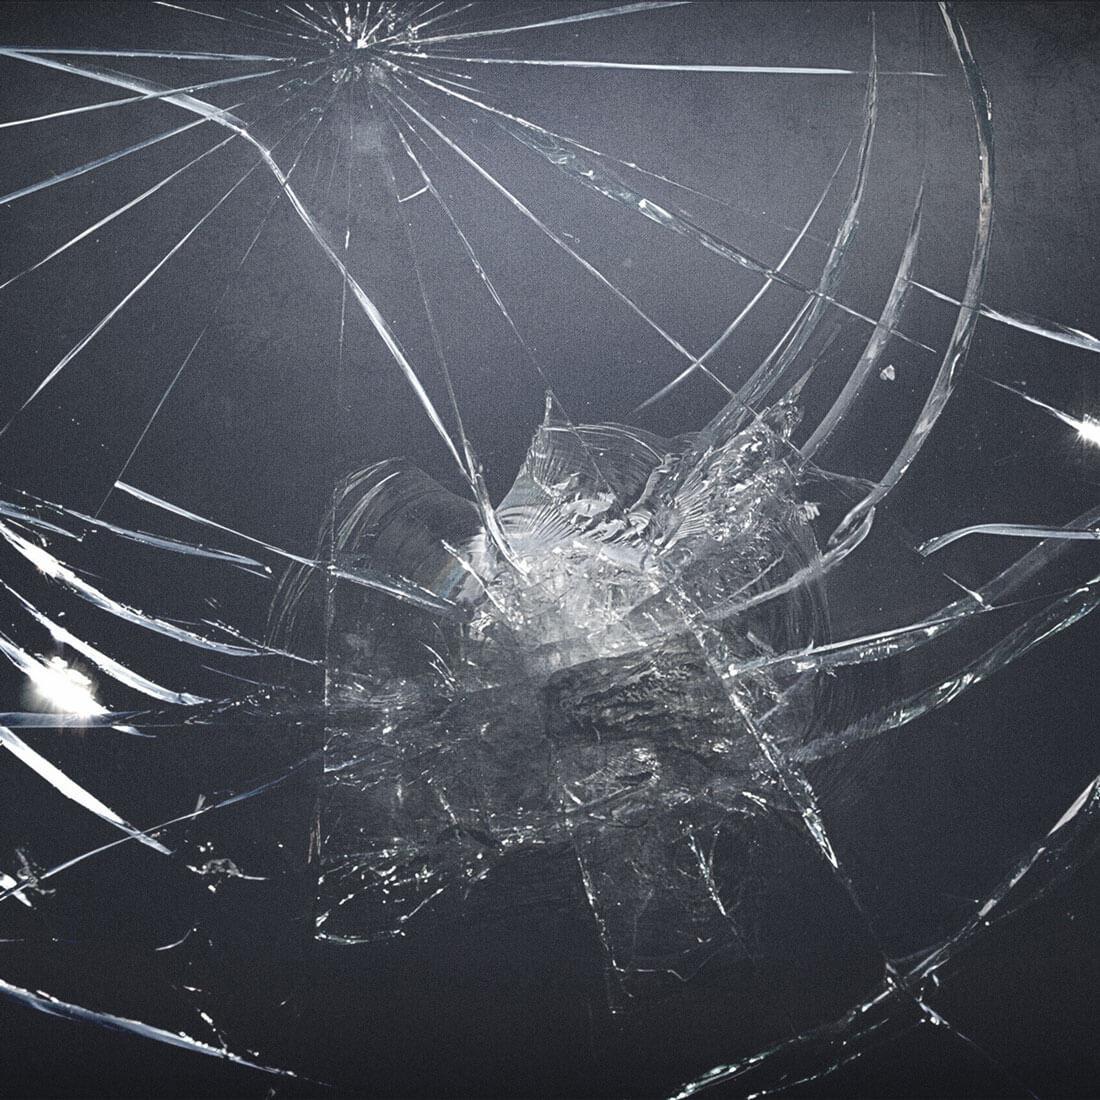 Broken Screen Wallpaper: Happy APPS: Cracked Screen Live Wallpaper